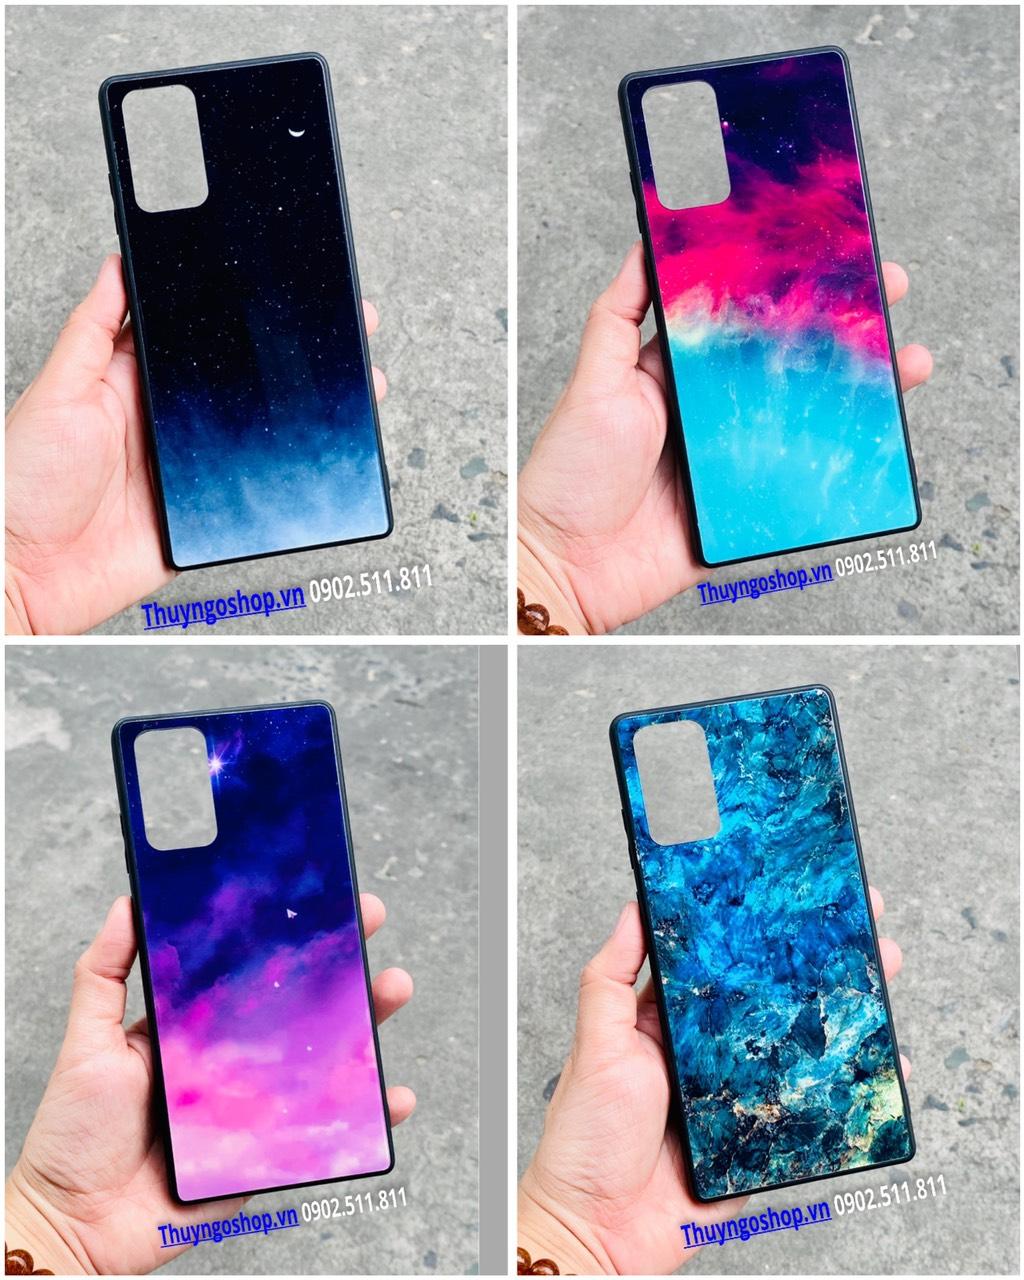 Ốp lưng kính màu loang Samsung Note20 - Note02 Plus - Note10 - Note10 Plus - S20 Ultra - S20 Plus - S10 Plus